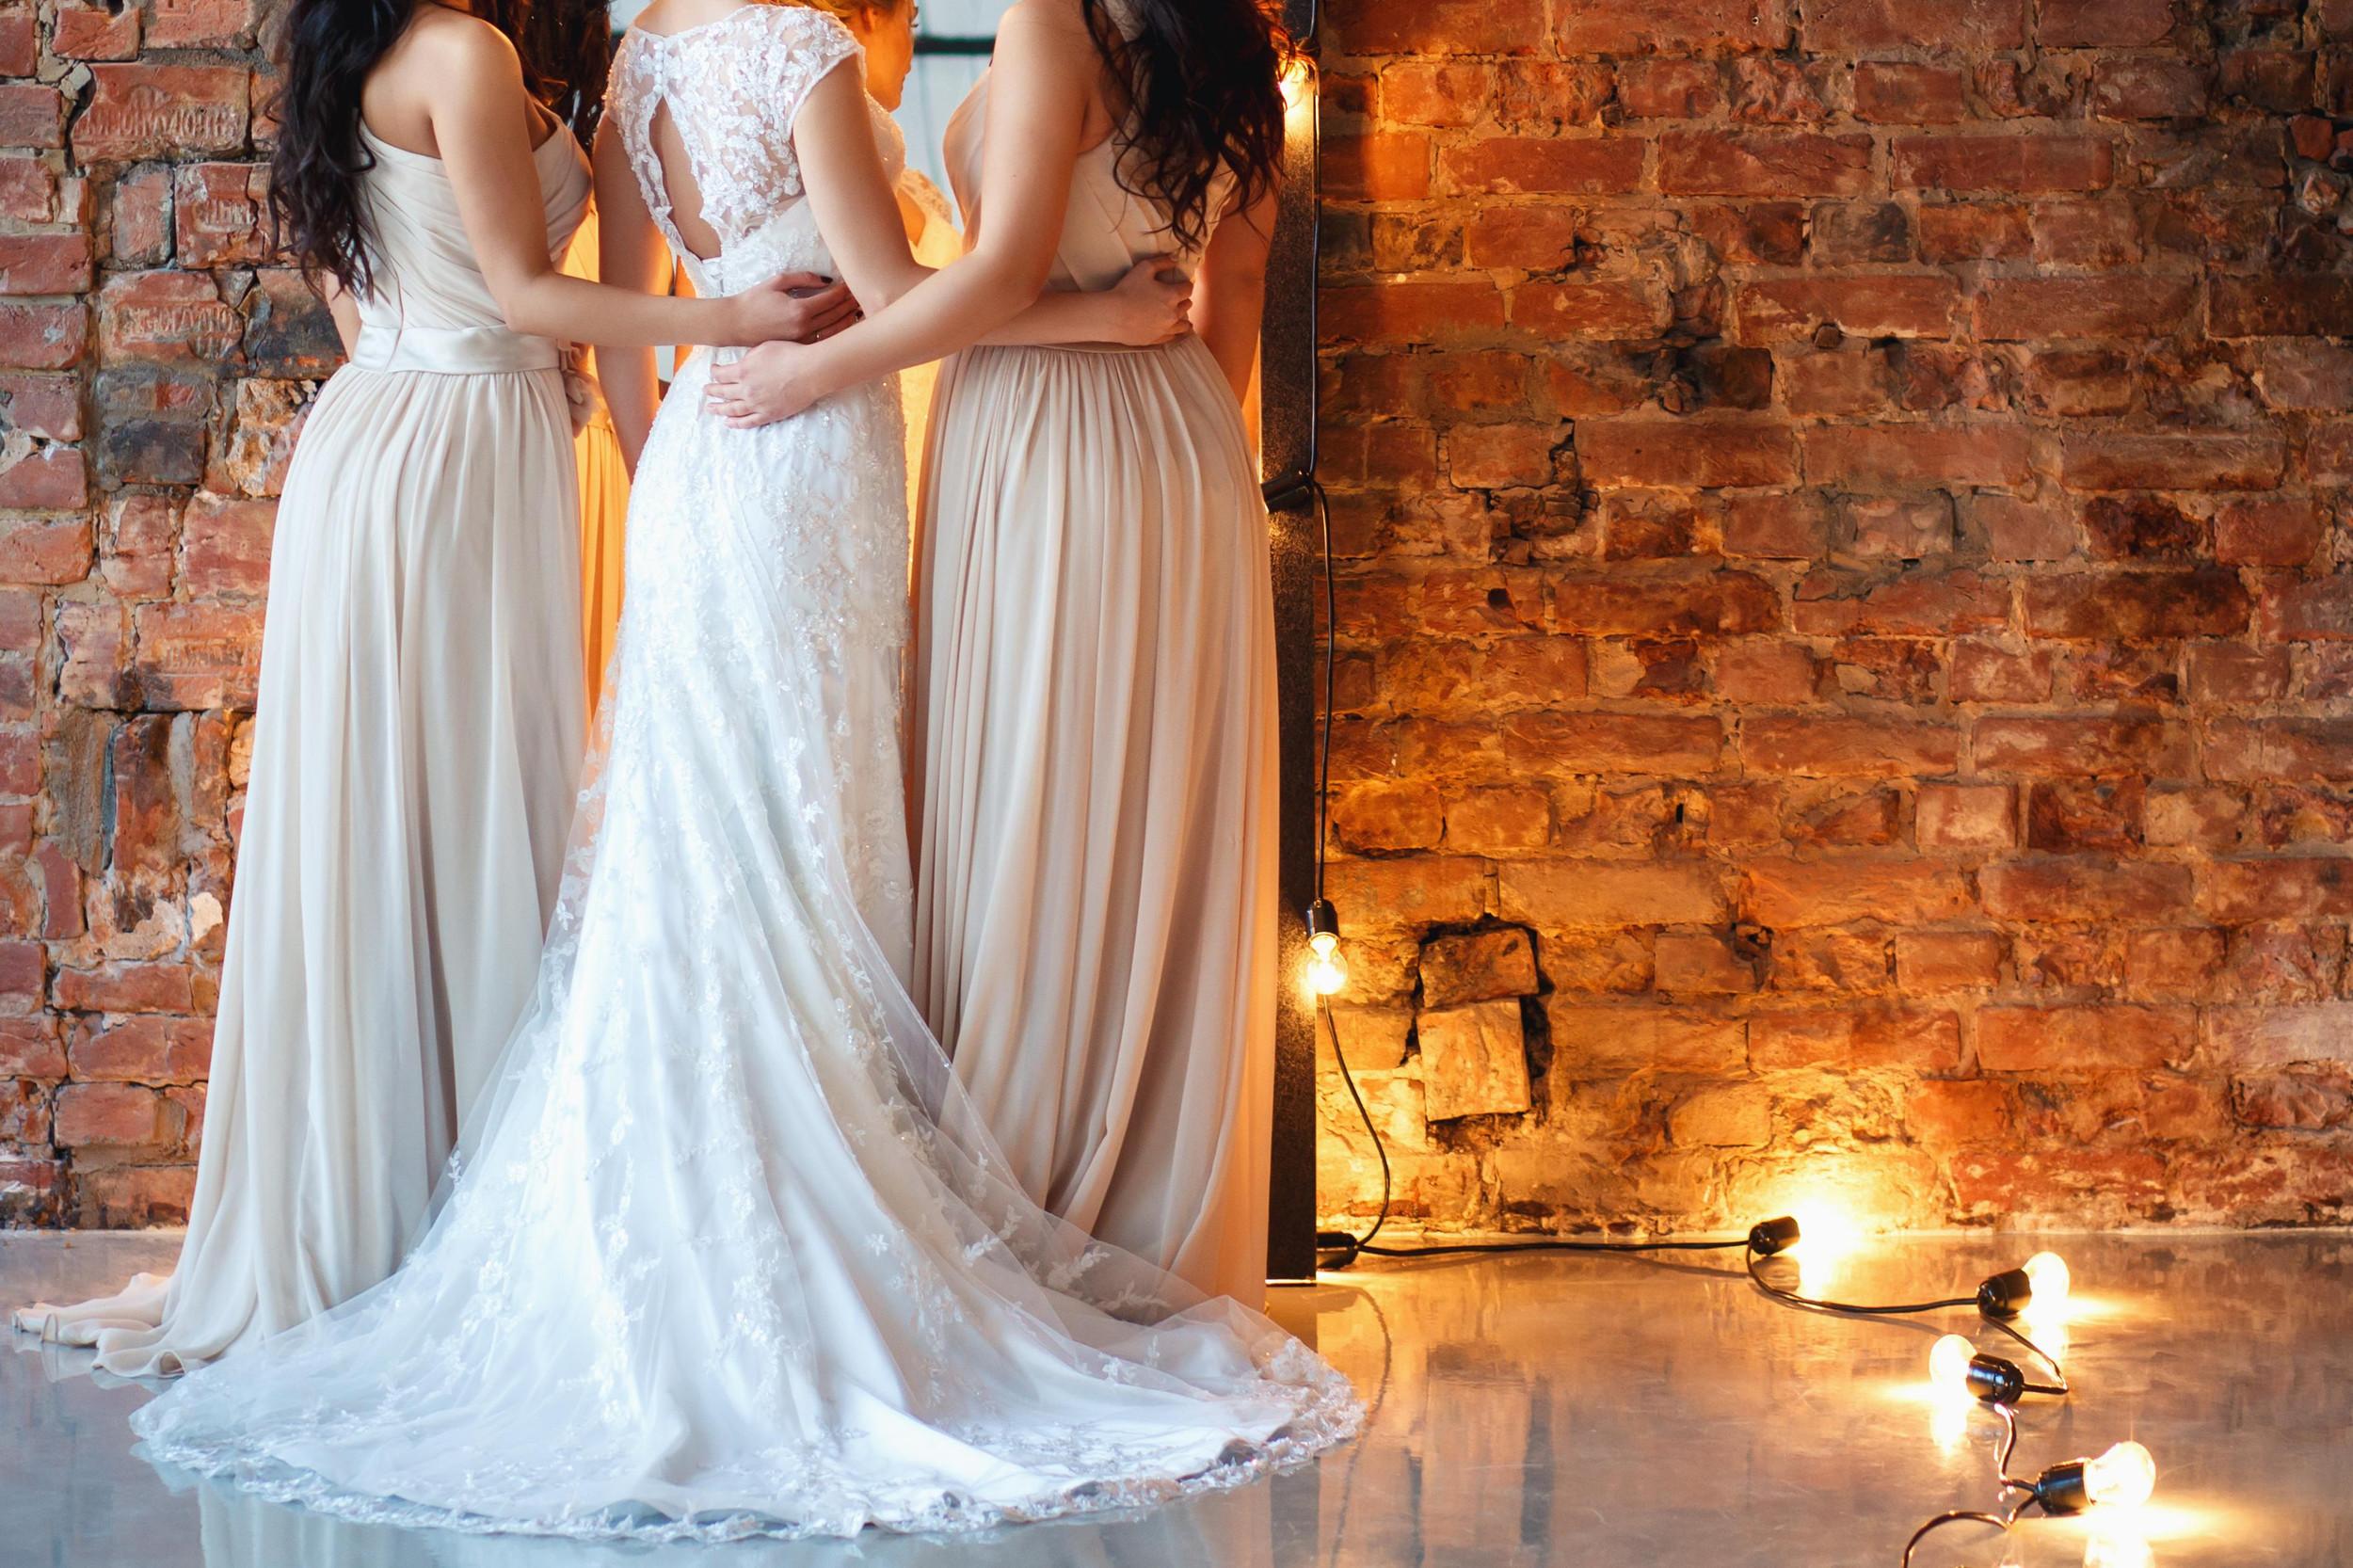 The NOLA Bride Blog